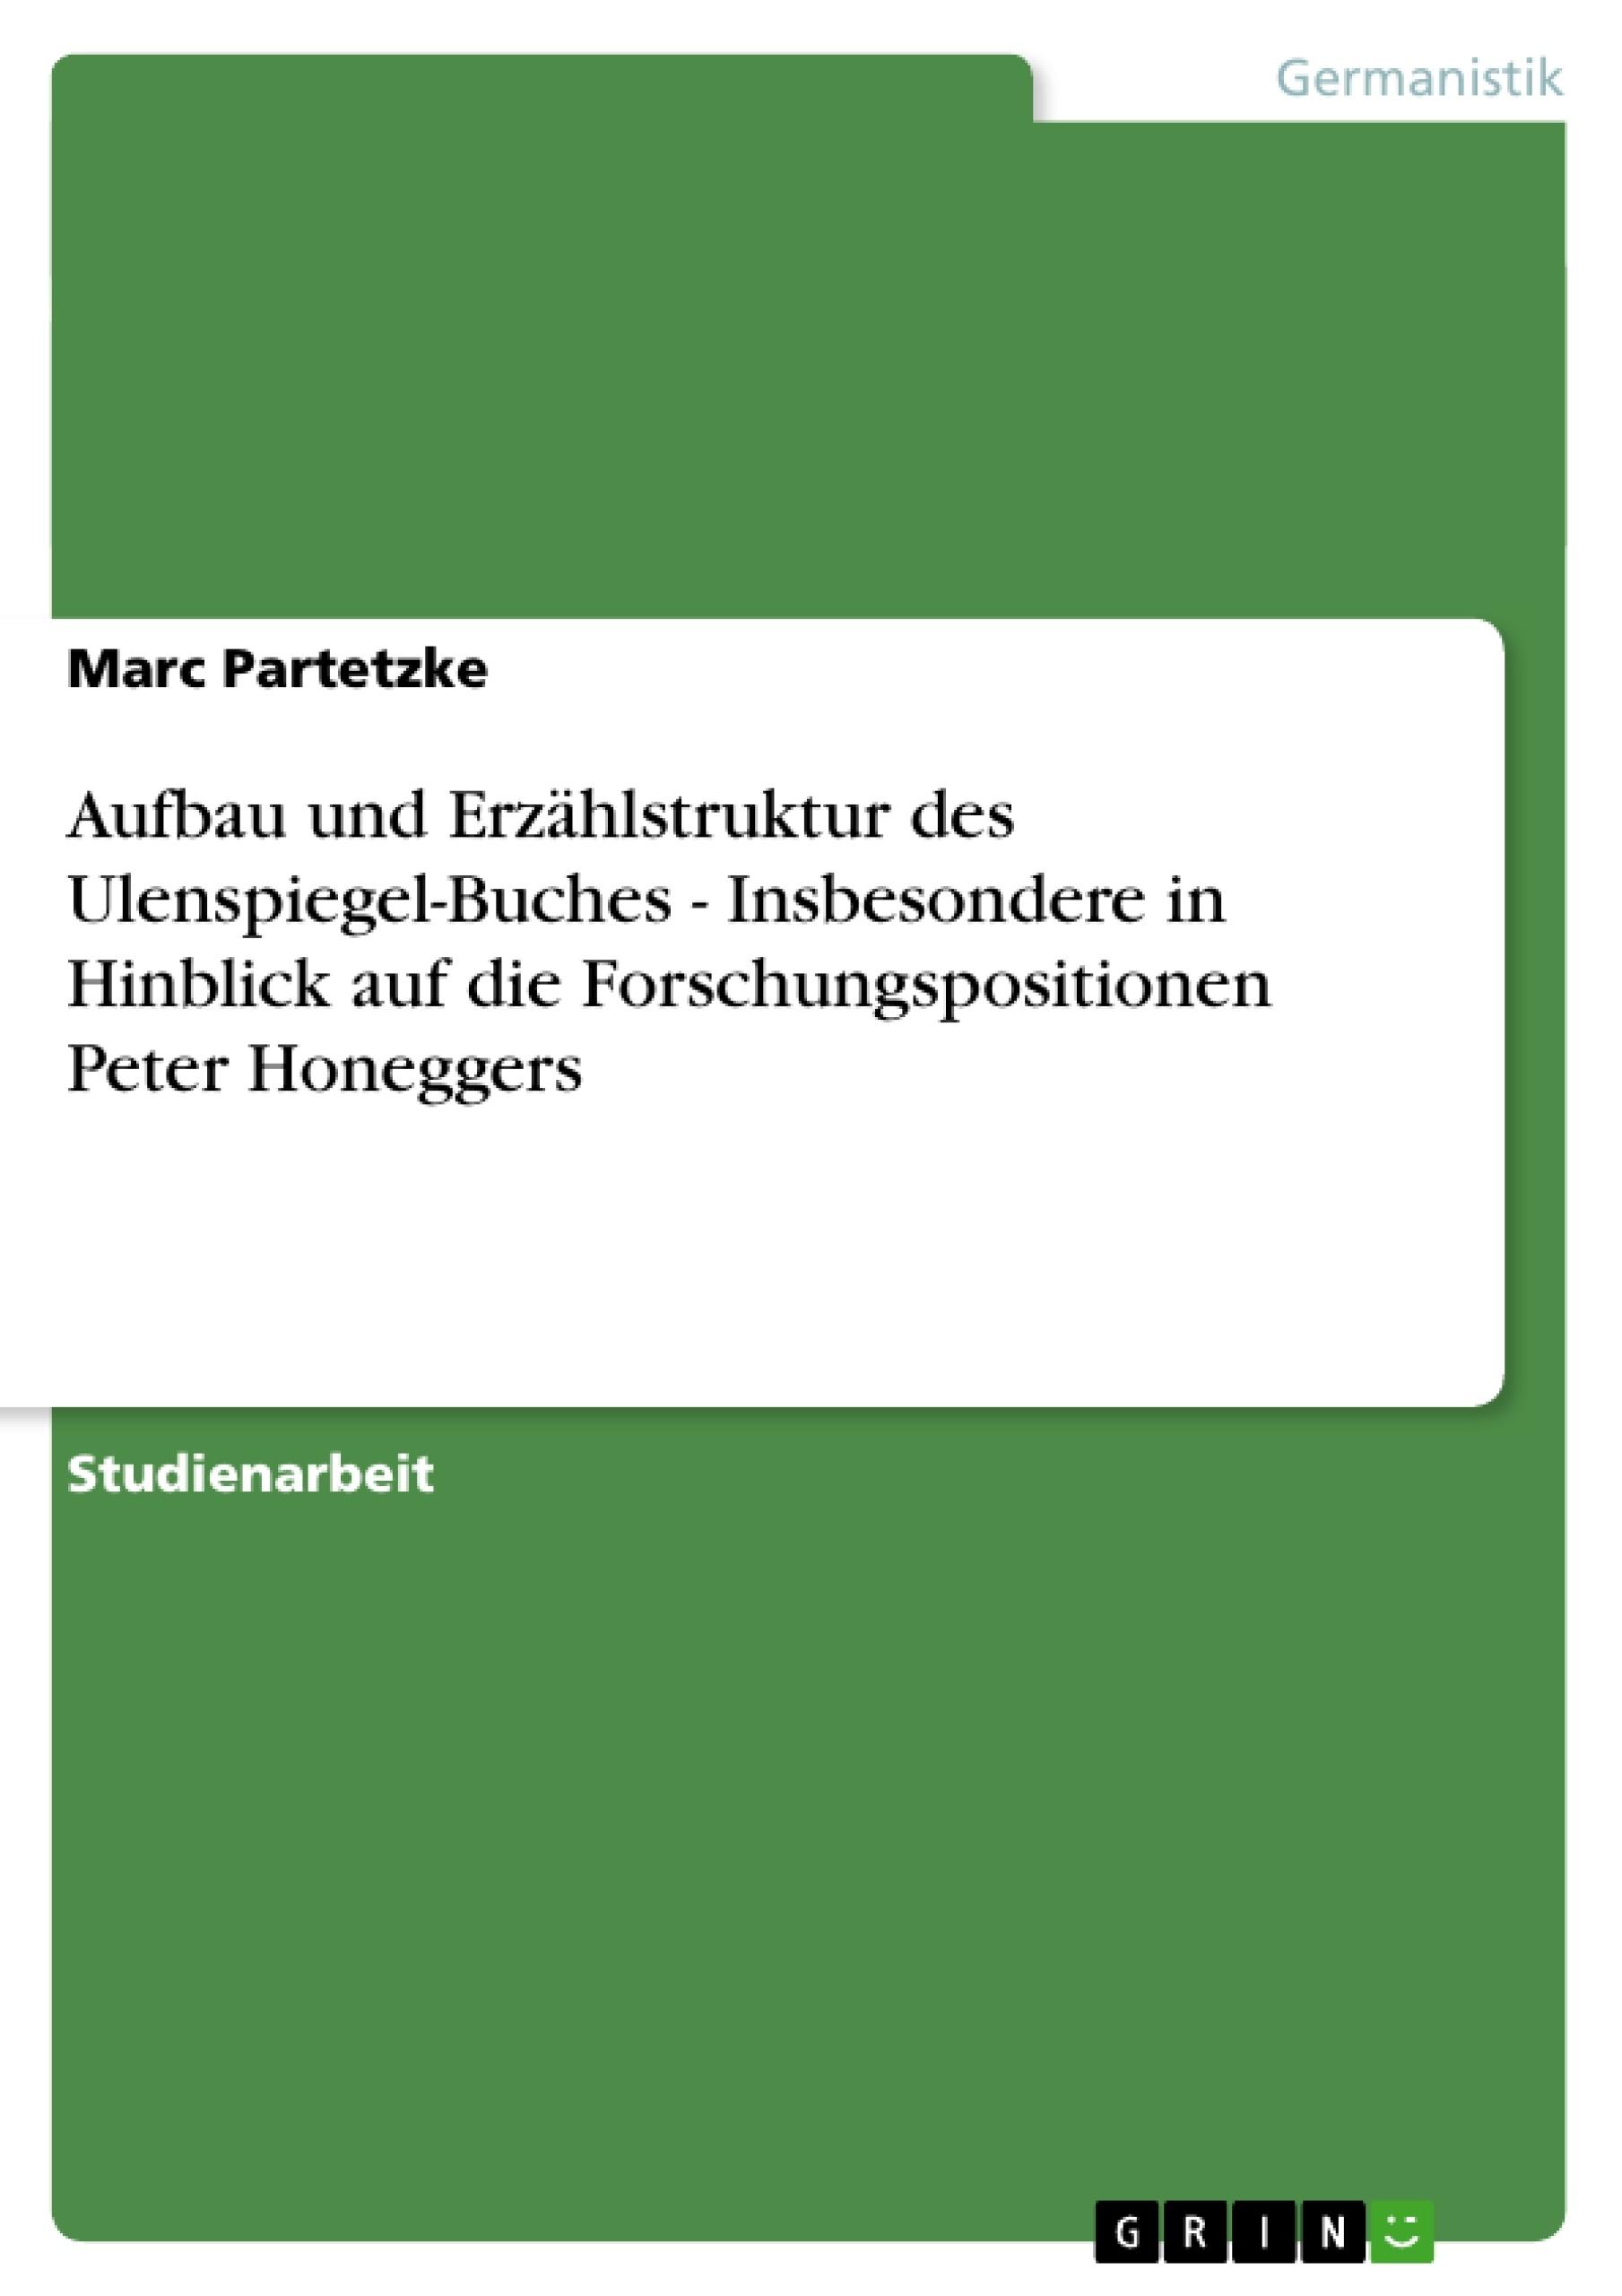 Titel: Aufbau und Erzählstruktur des Ulenspiegel-Buches - Insbesondere in Hinblick auf die Forschungspositionen Peter Honeggers